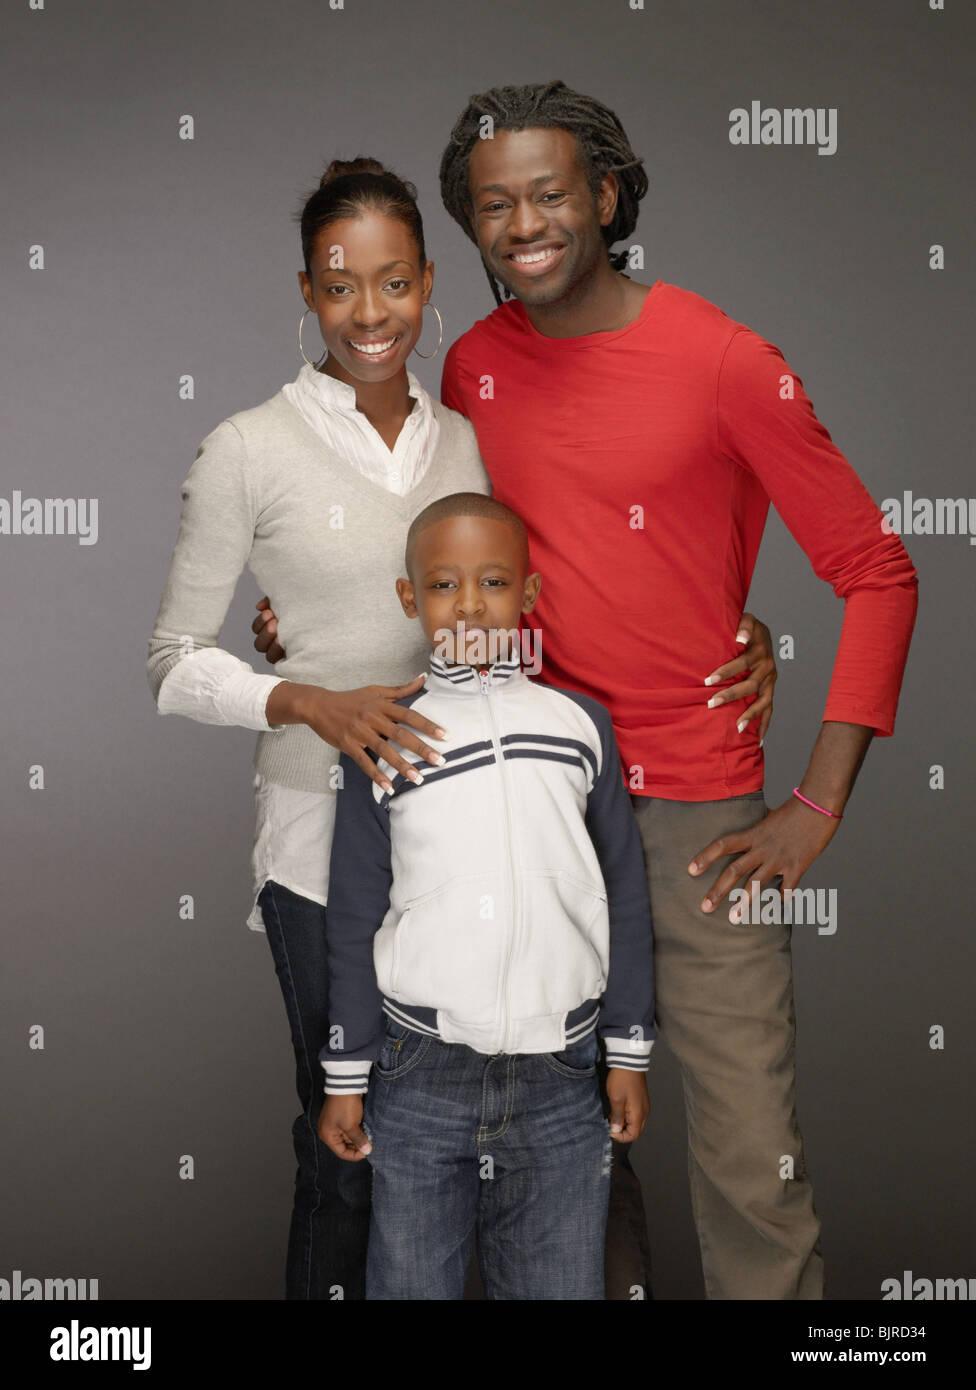 Retrato de una familia Imagen De Stock